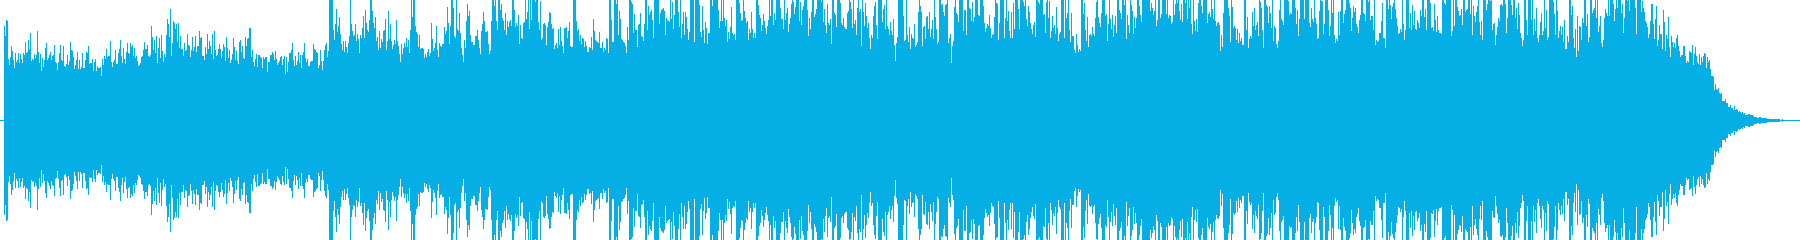 感動的な背景映画サウンドトラックの再生済みの波形